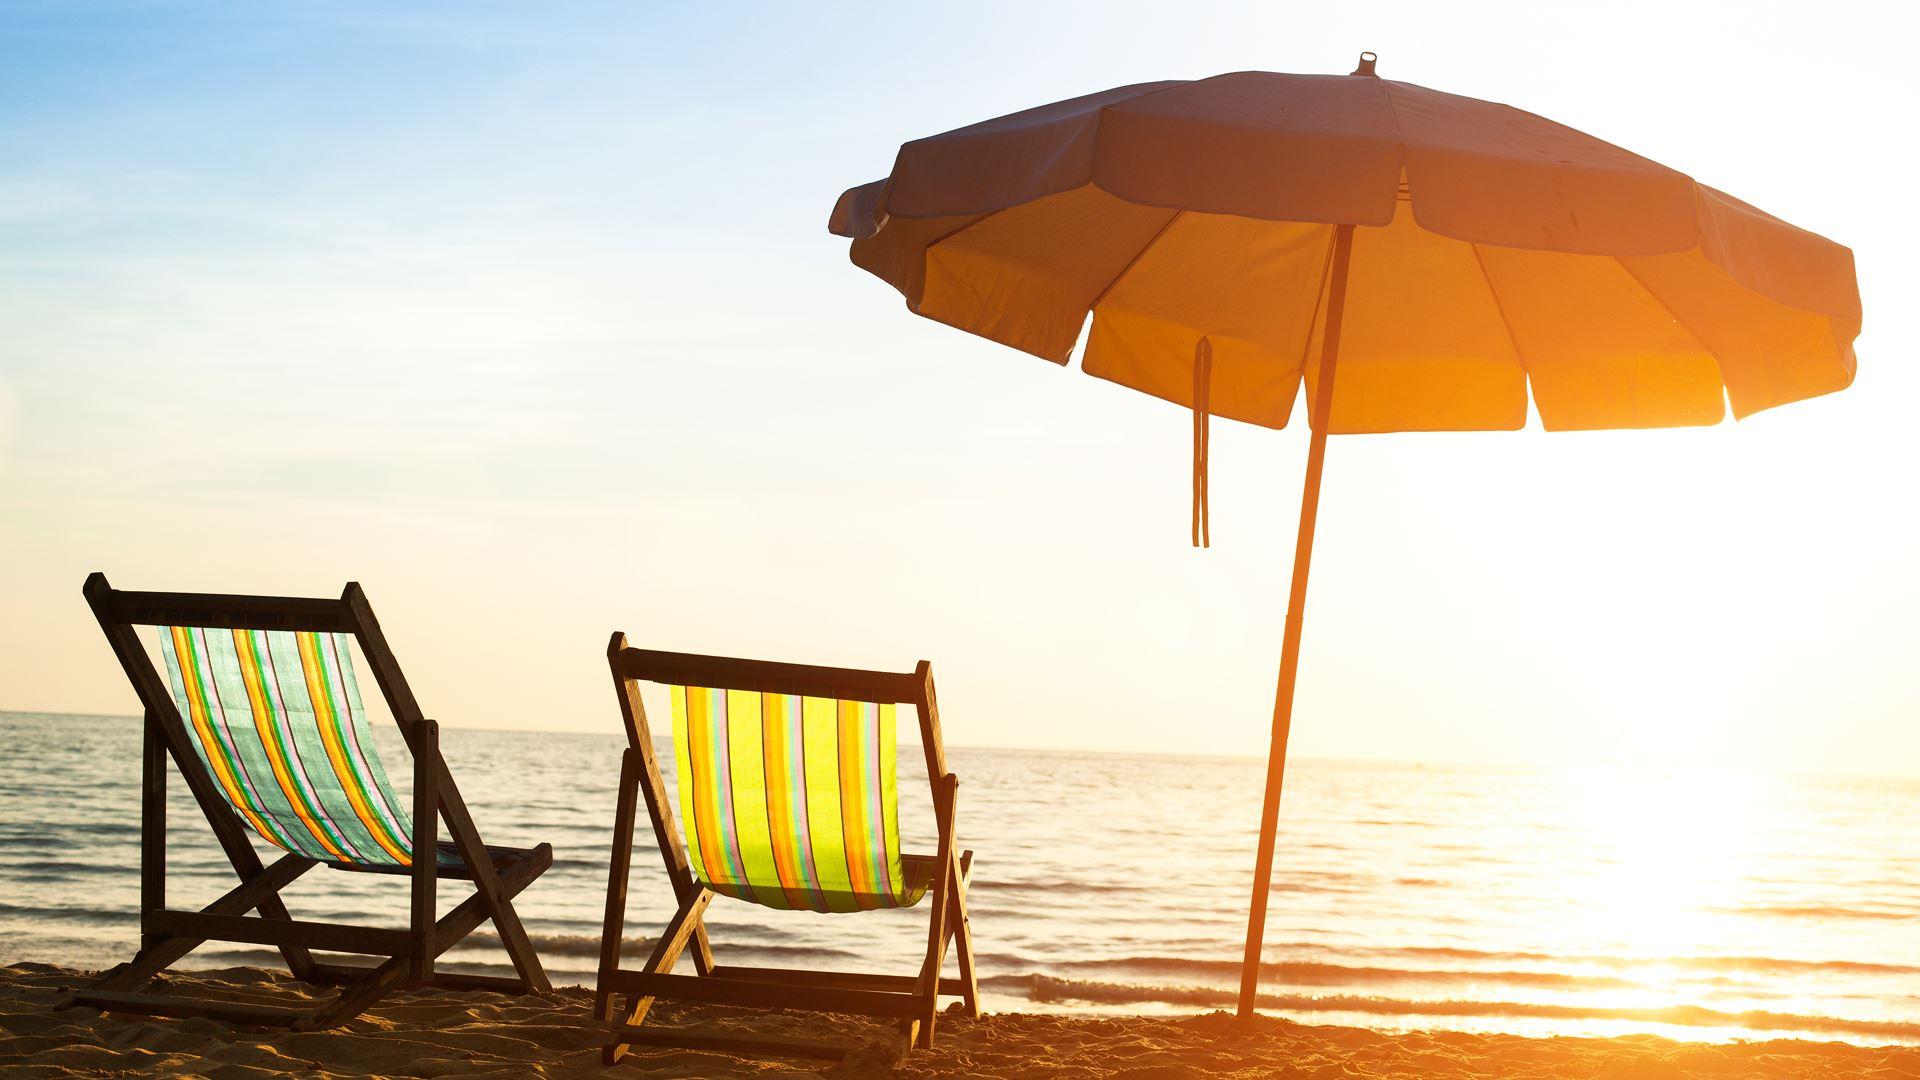 Nắng vàng chiếu trên bãi biển mùa hè